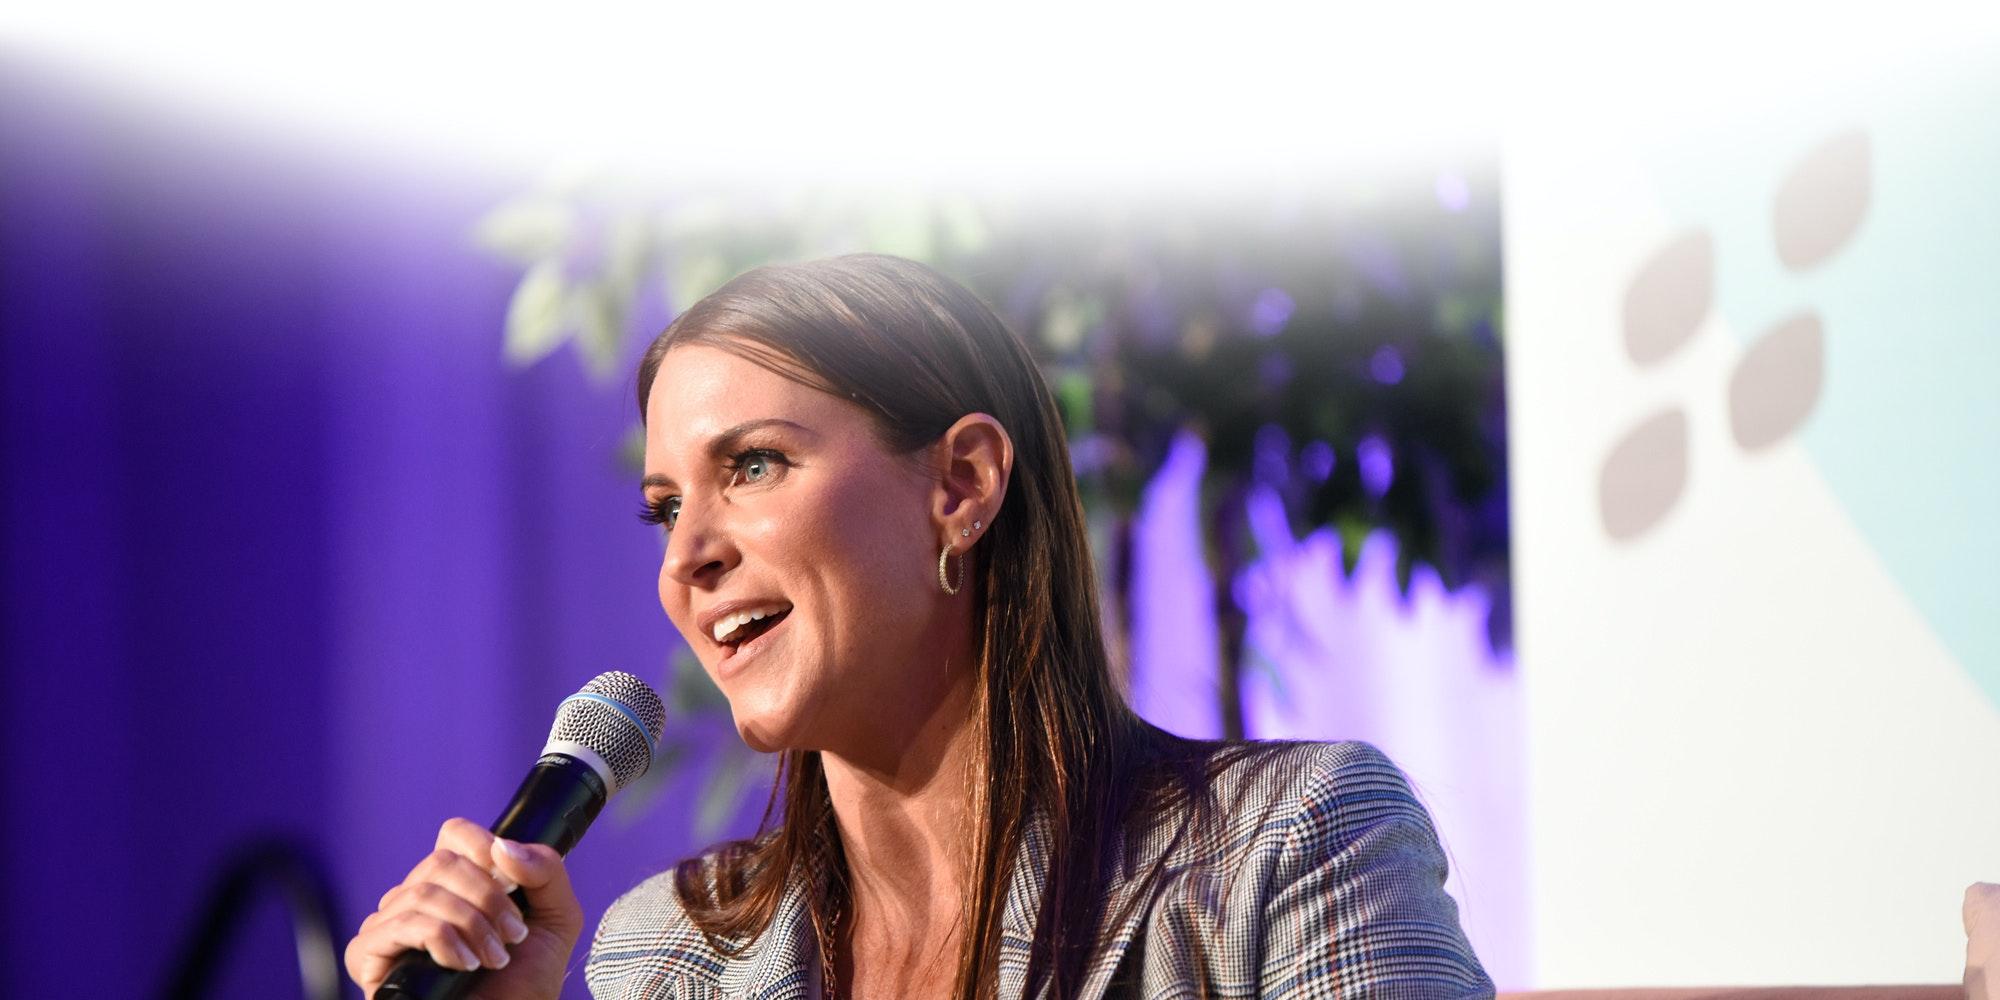 Foto de perfil de Stephanie McMahon, diretora executiva da WWE, segurando um microfone